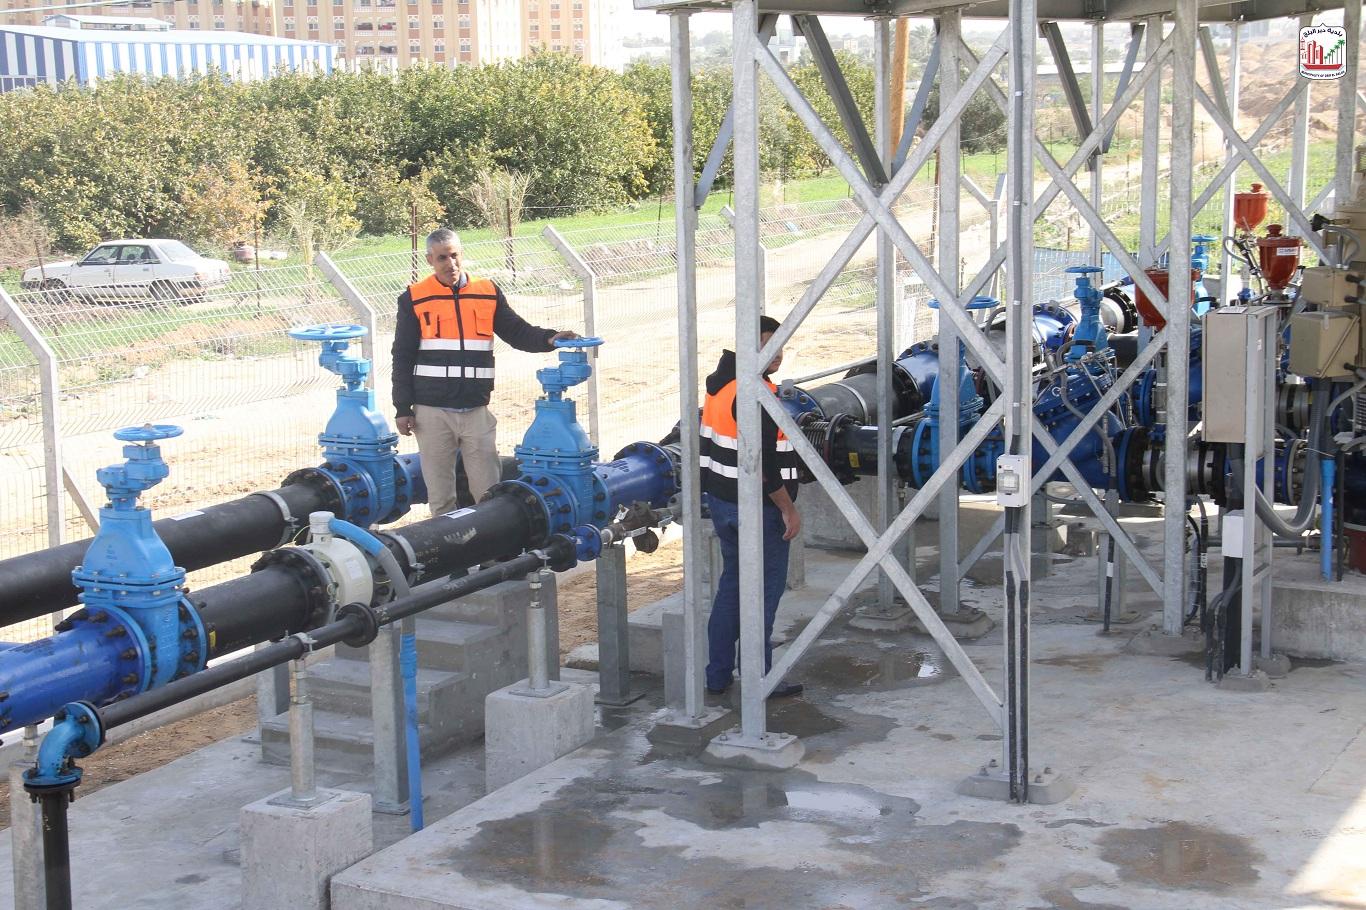 البلدية تتسلم مشروع إنشاء خزان مياه ومحطة ضخ دير البلح